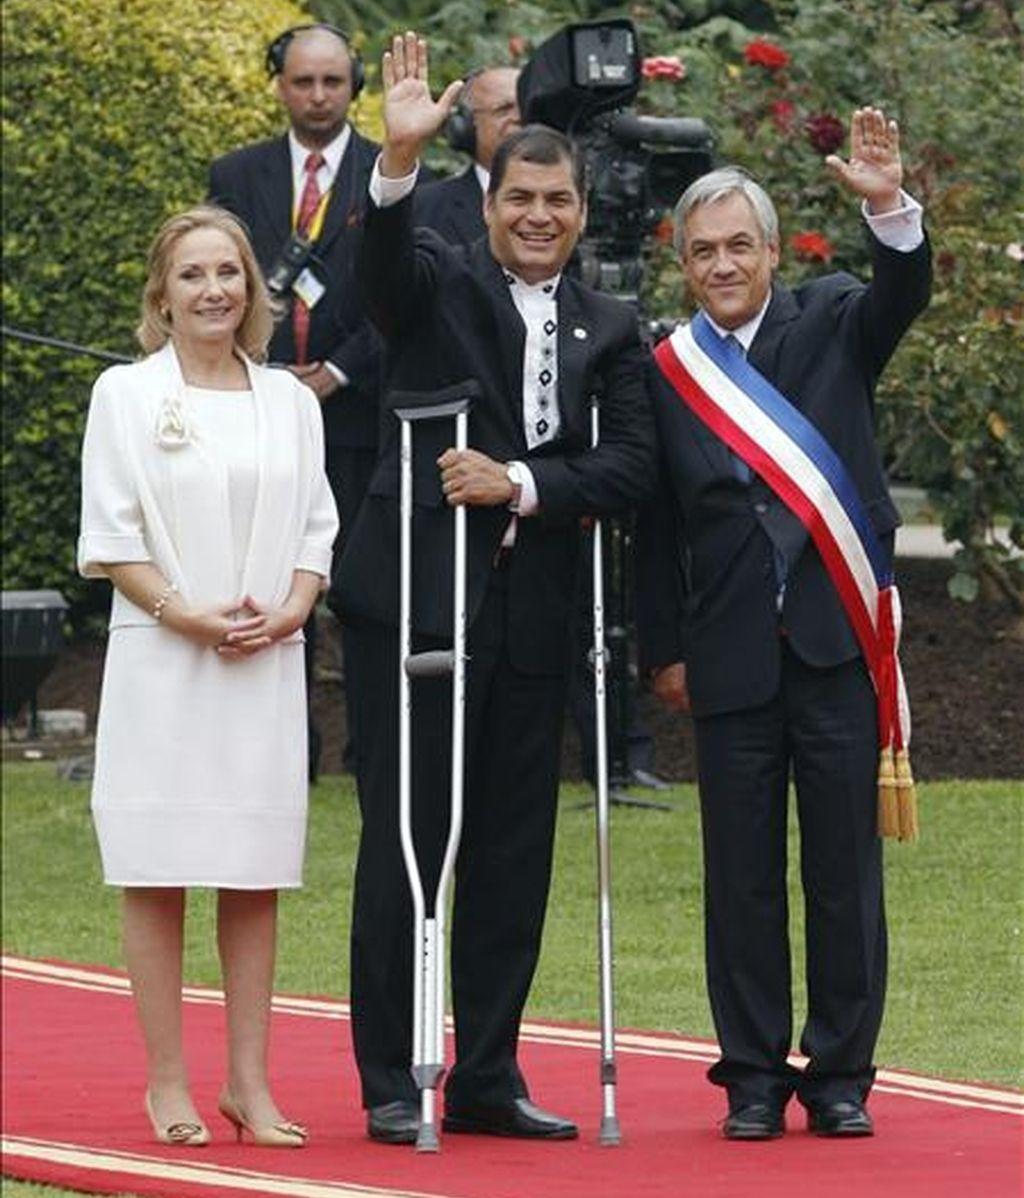 Sebastián Piñera (d), posa el pasado 11 de marzo de 2010, junto a su esposa Cecilia Morell (i); y el mandatario de Ecuador, Rafael Correa (c), en el Palacio de Cerro Castillo en Valparaíso (Chile). EFE/Archivo